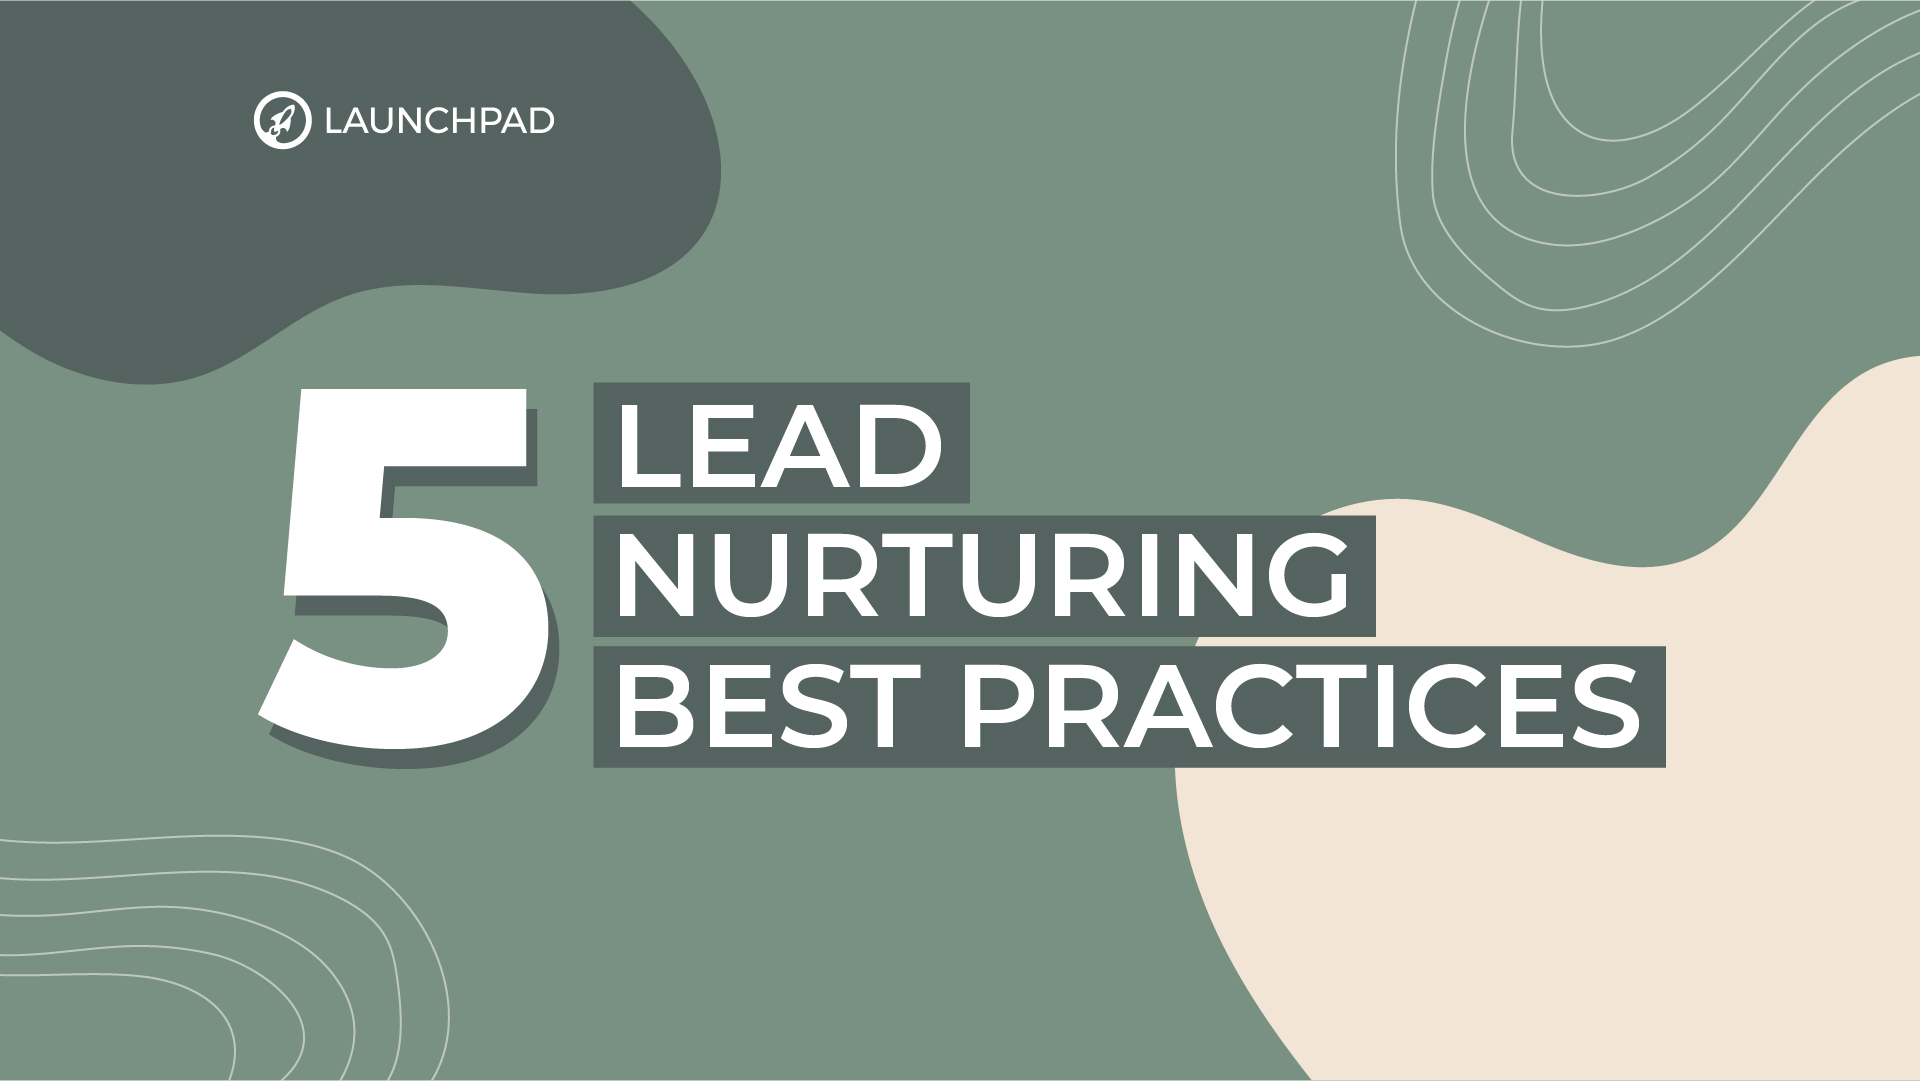 5 lead nurturing best practices